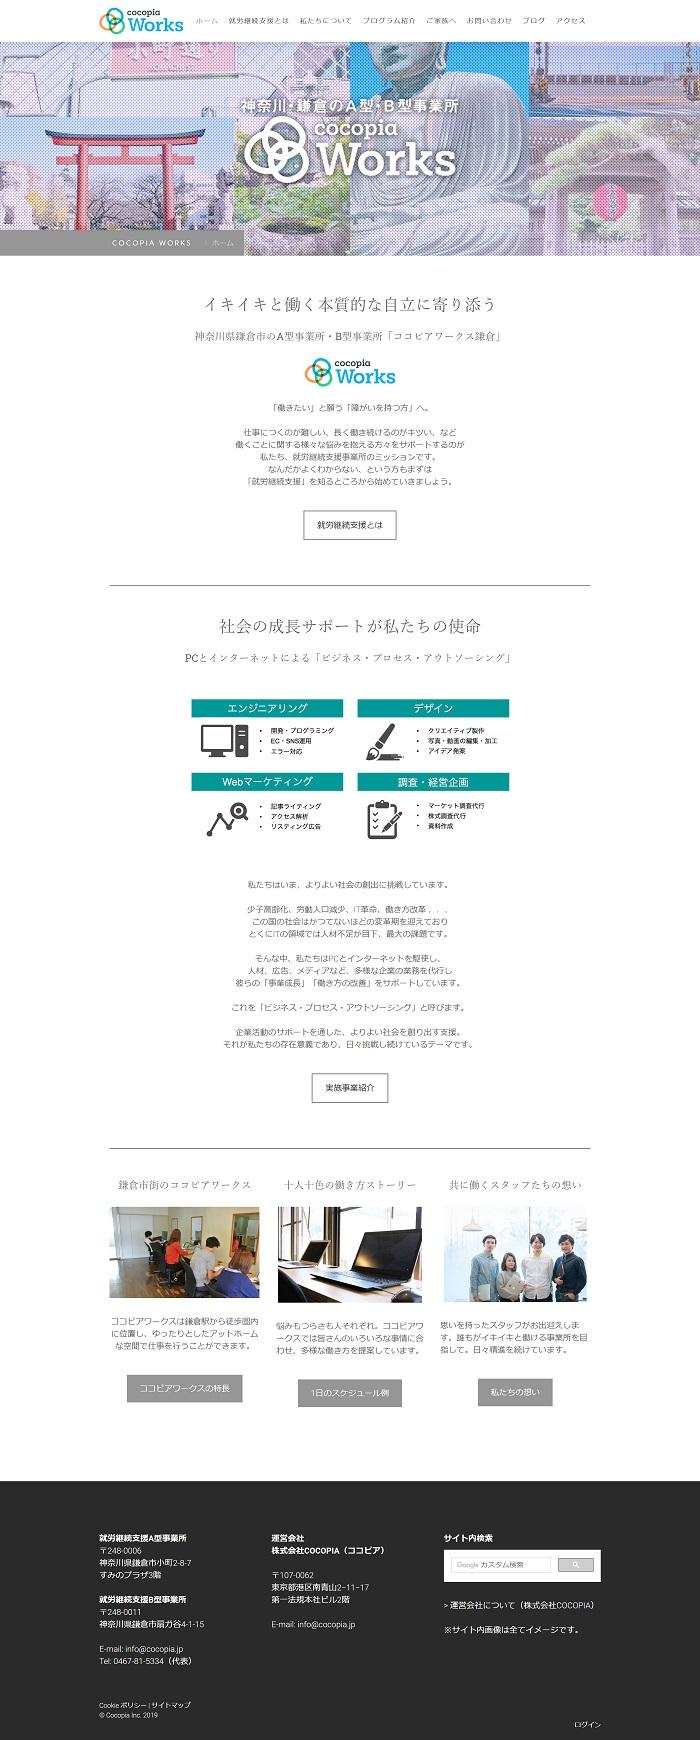 イキイキと働く本質的な自立に寄り添う - 神奈川県鎌倉市のA型事業所・B型事業所ココピアワークス